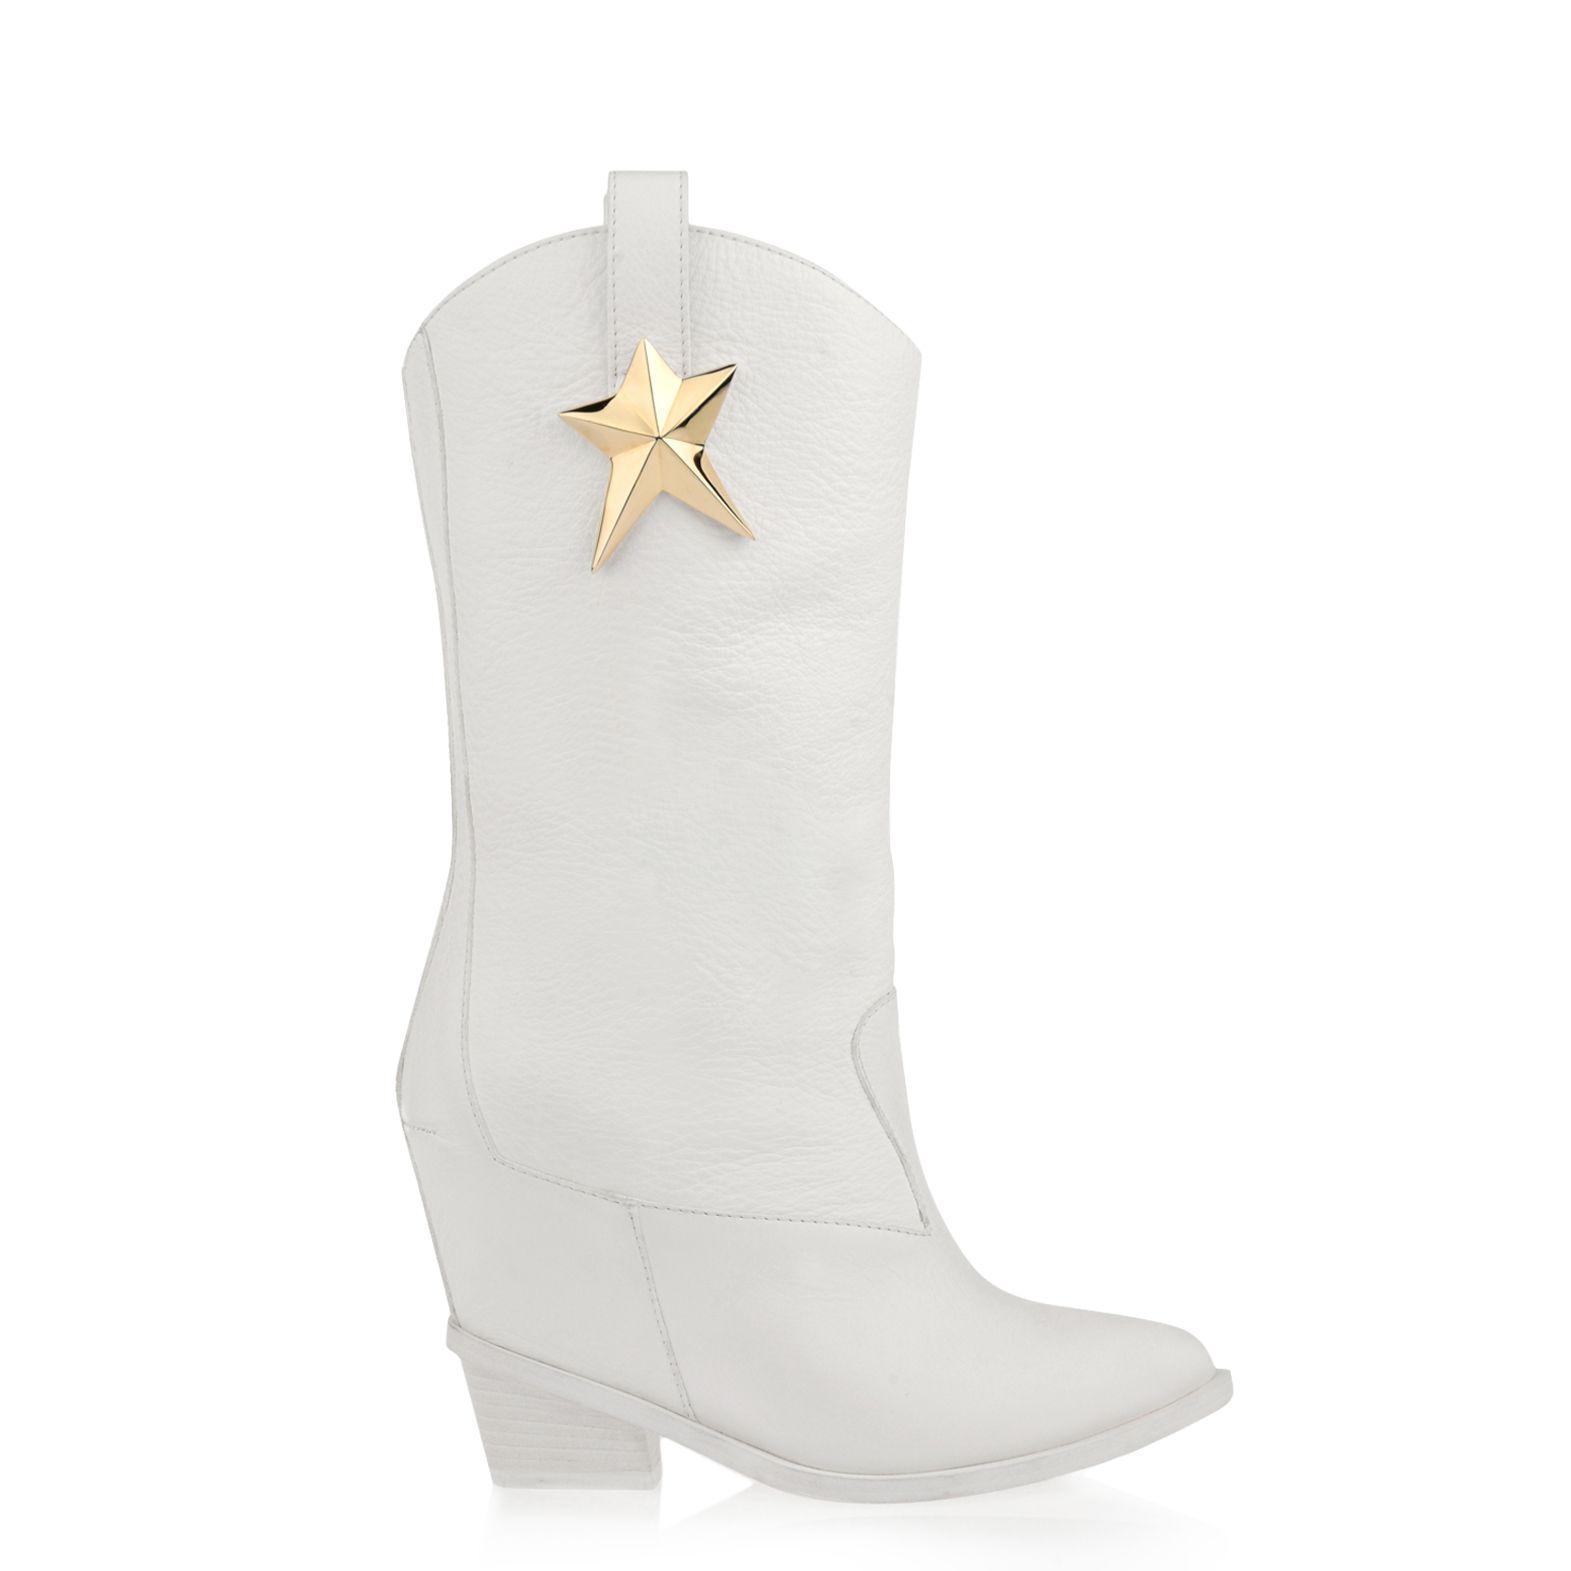 Zanotti-booties-white-star-3